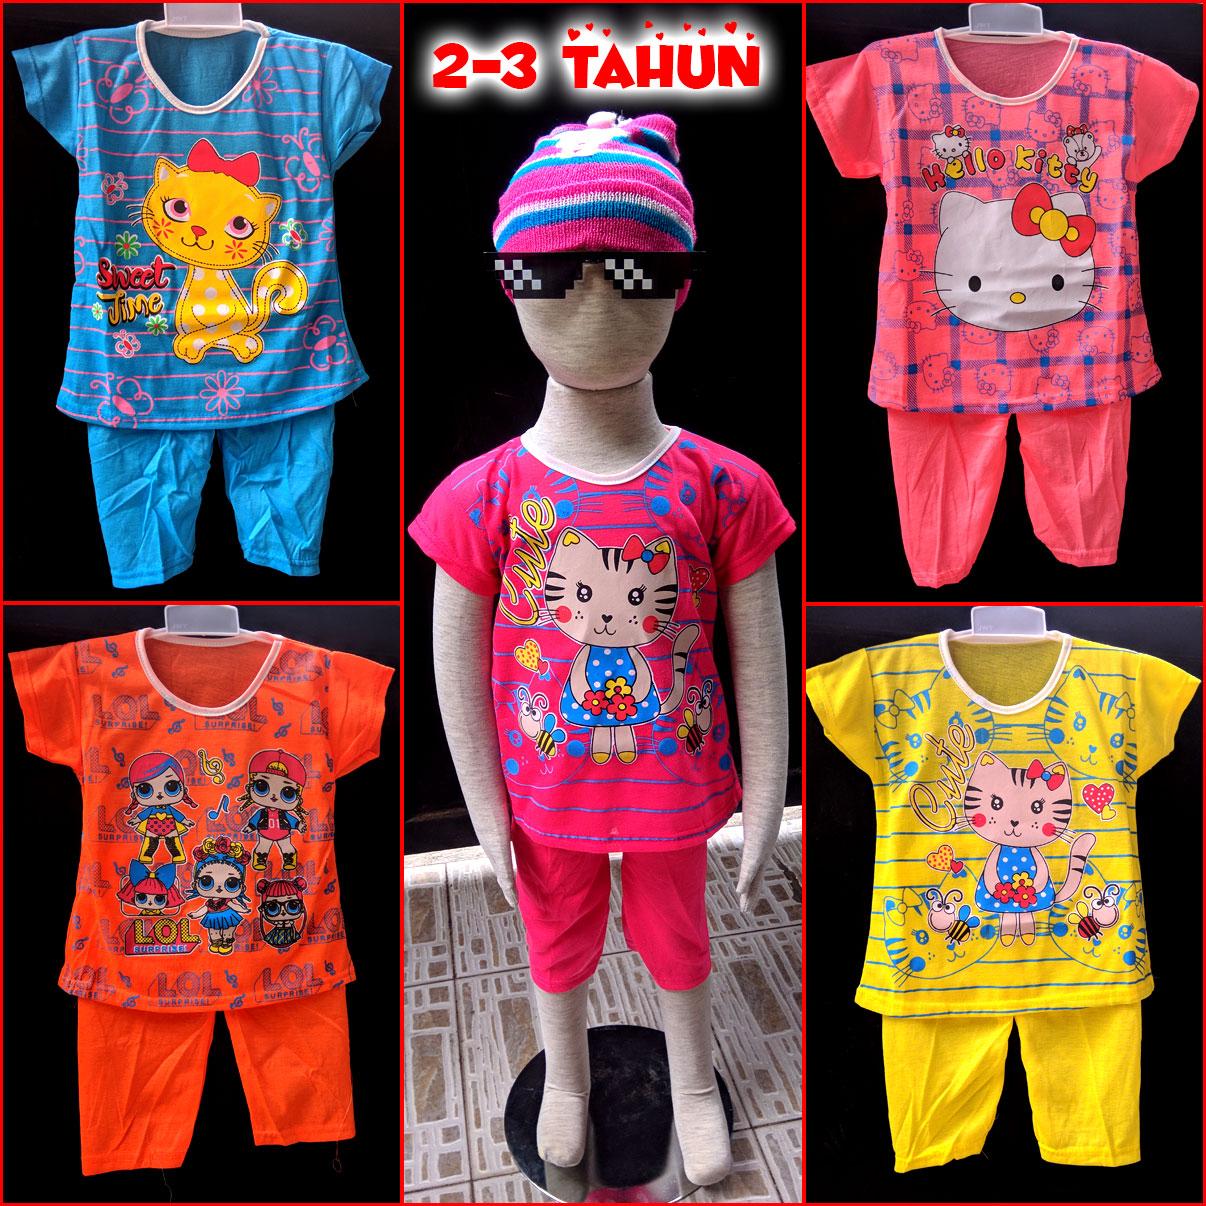 baju anak setelan anak perempuan 2-3 tahun